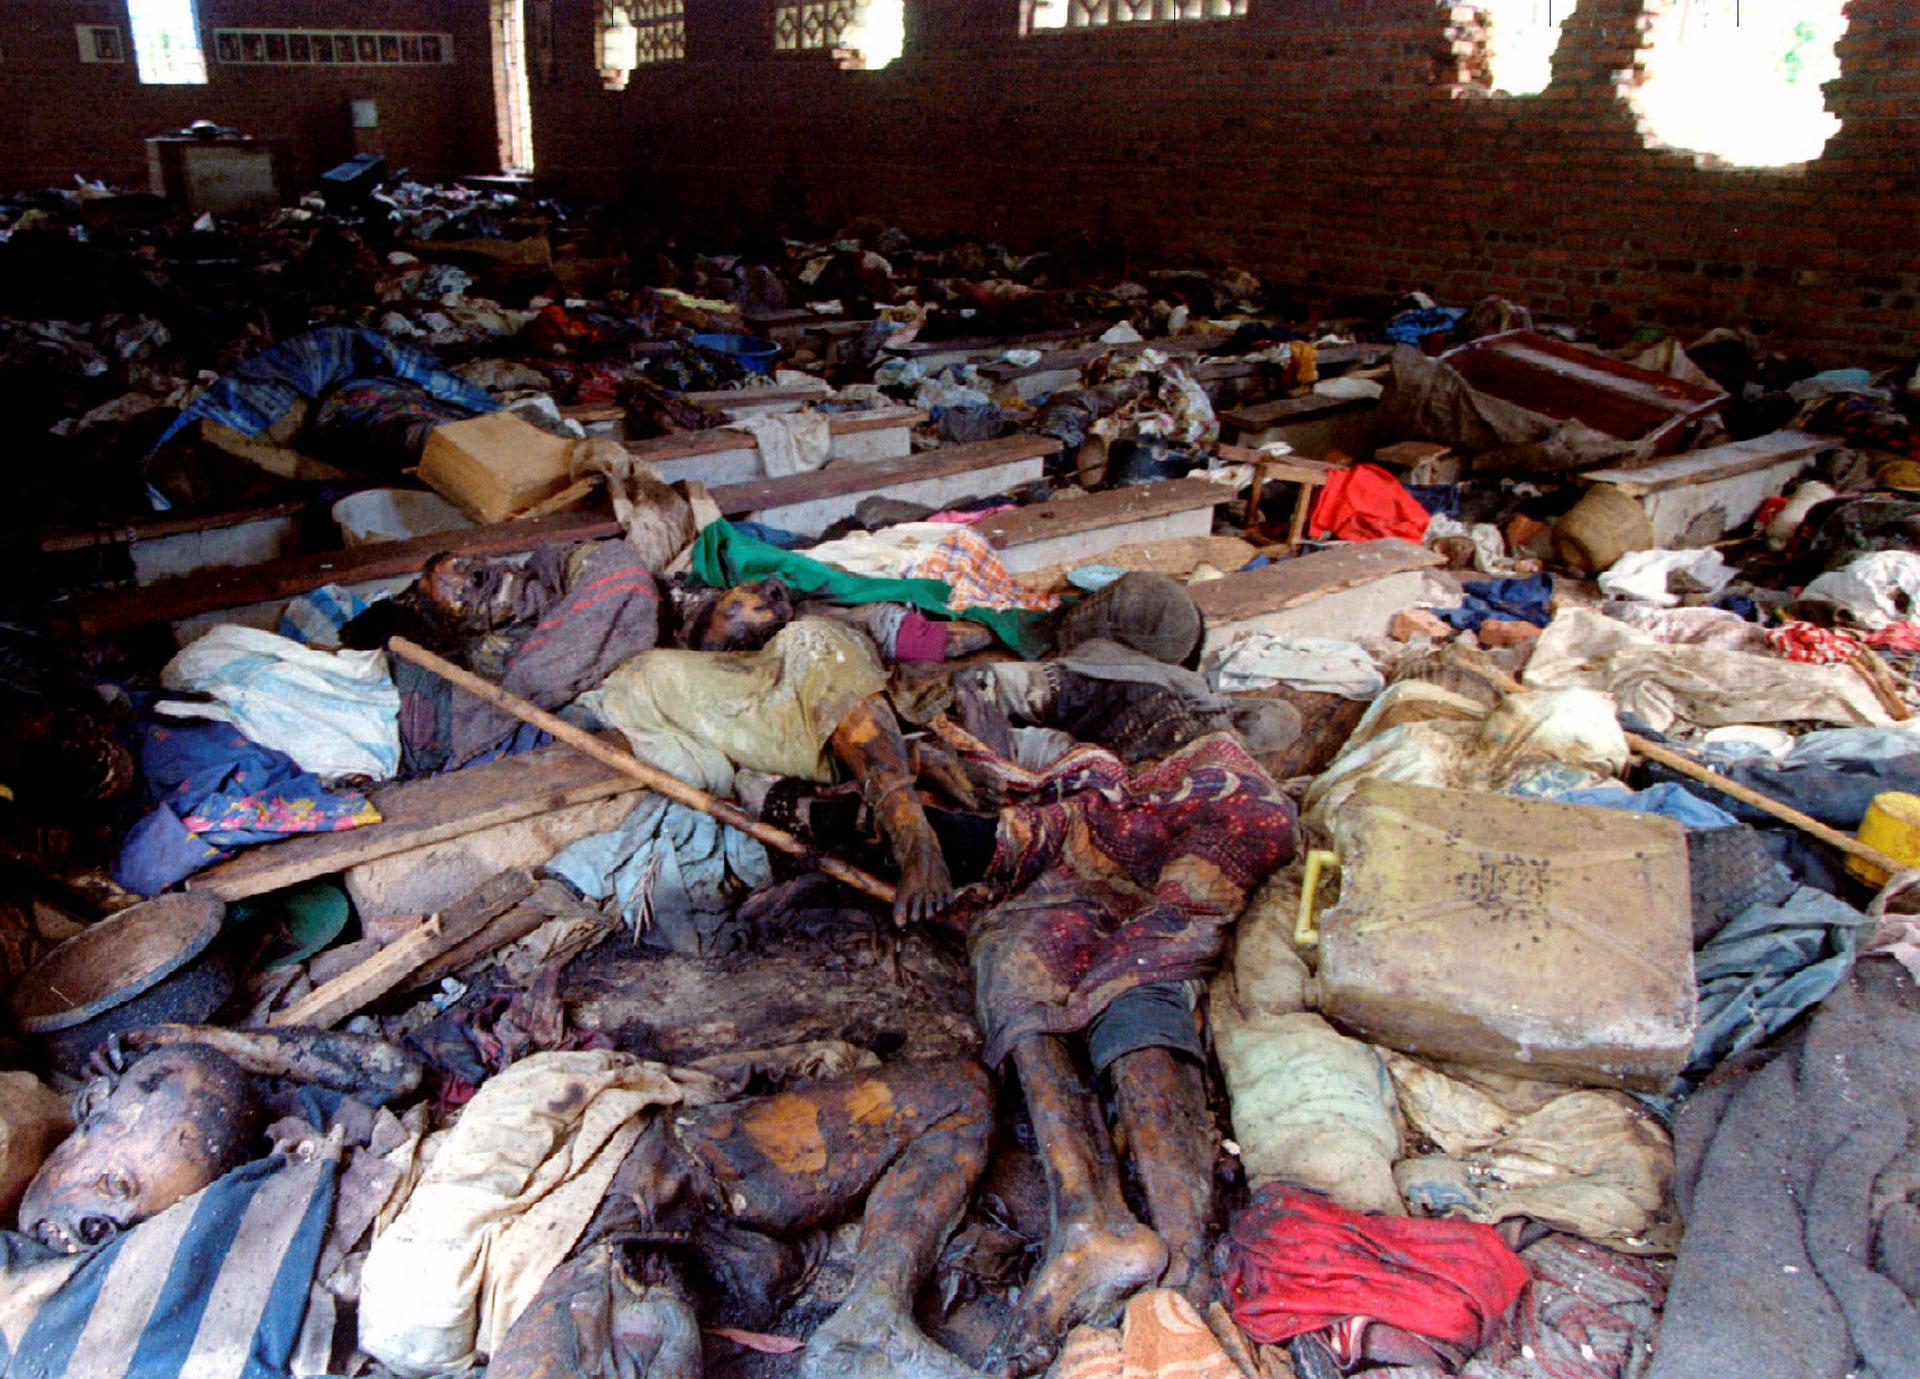 Los restos de unos 500 tutsis asesinados por milicias hutus en una iglesia el 17 de junio de 1994 (Reuters)